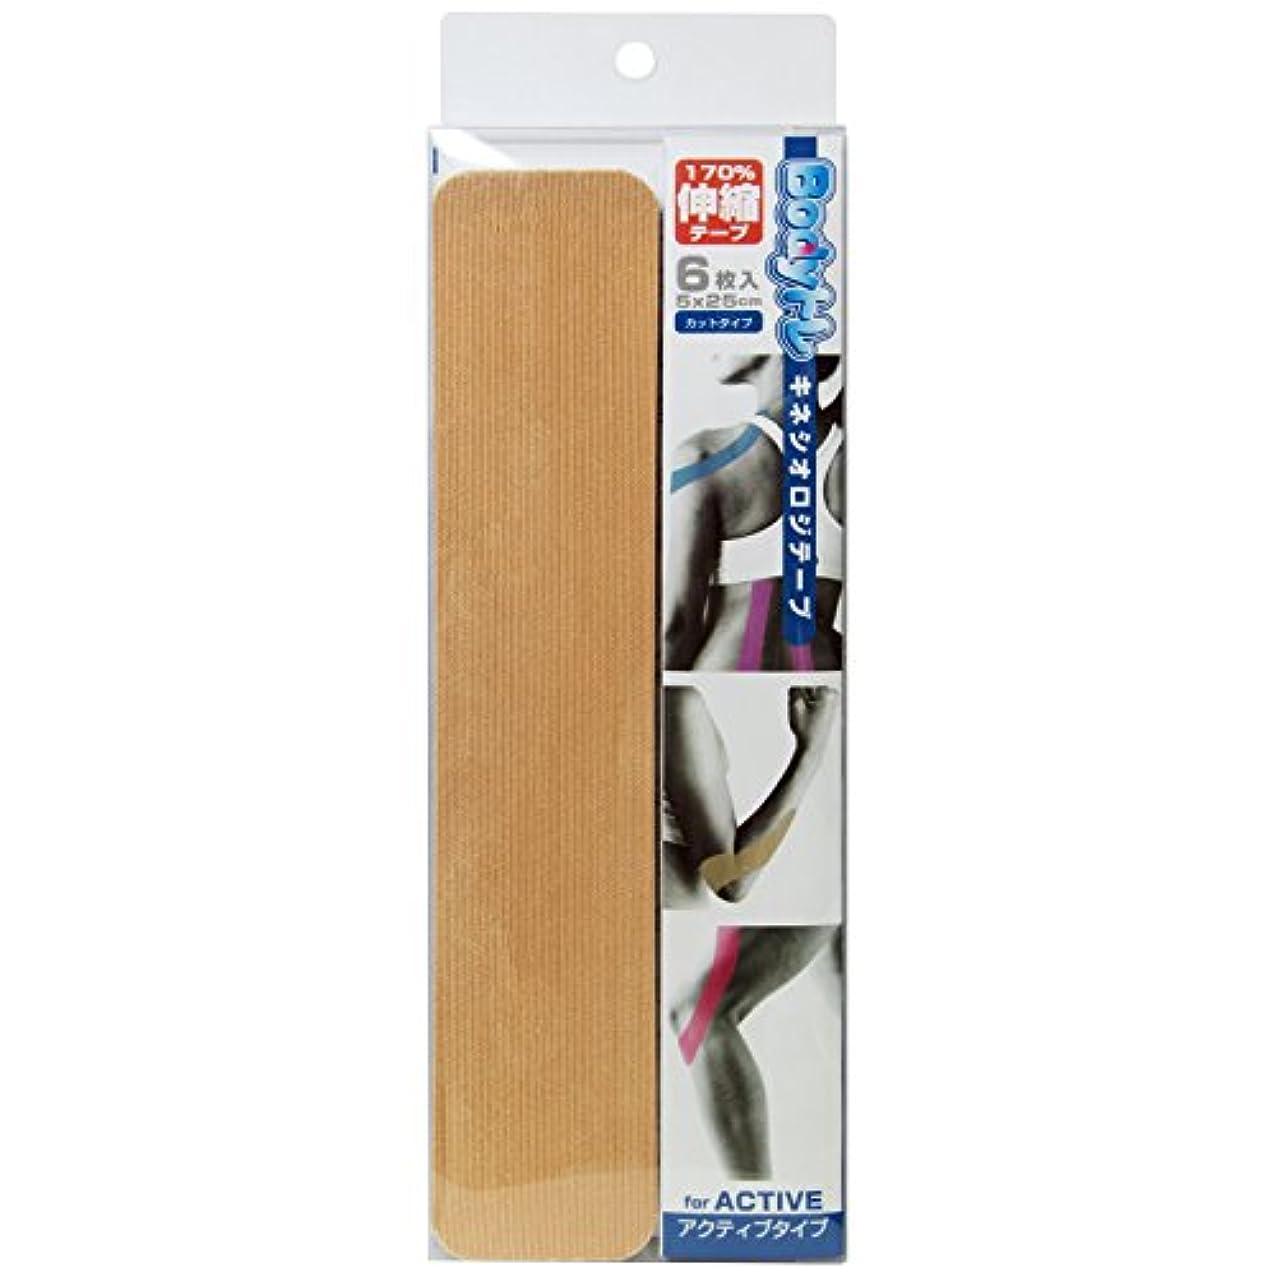 朝日ゴルフ キネシオロジテープカット ベージュ BT-1732